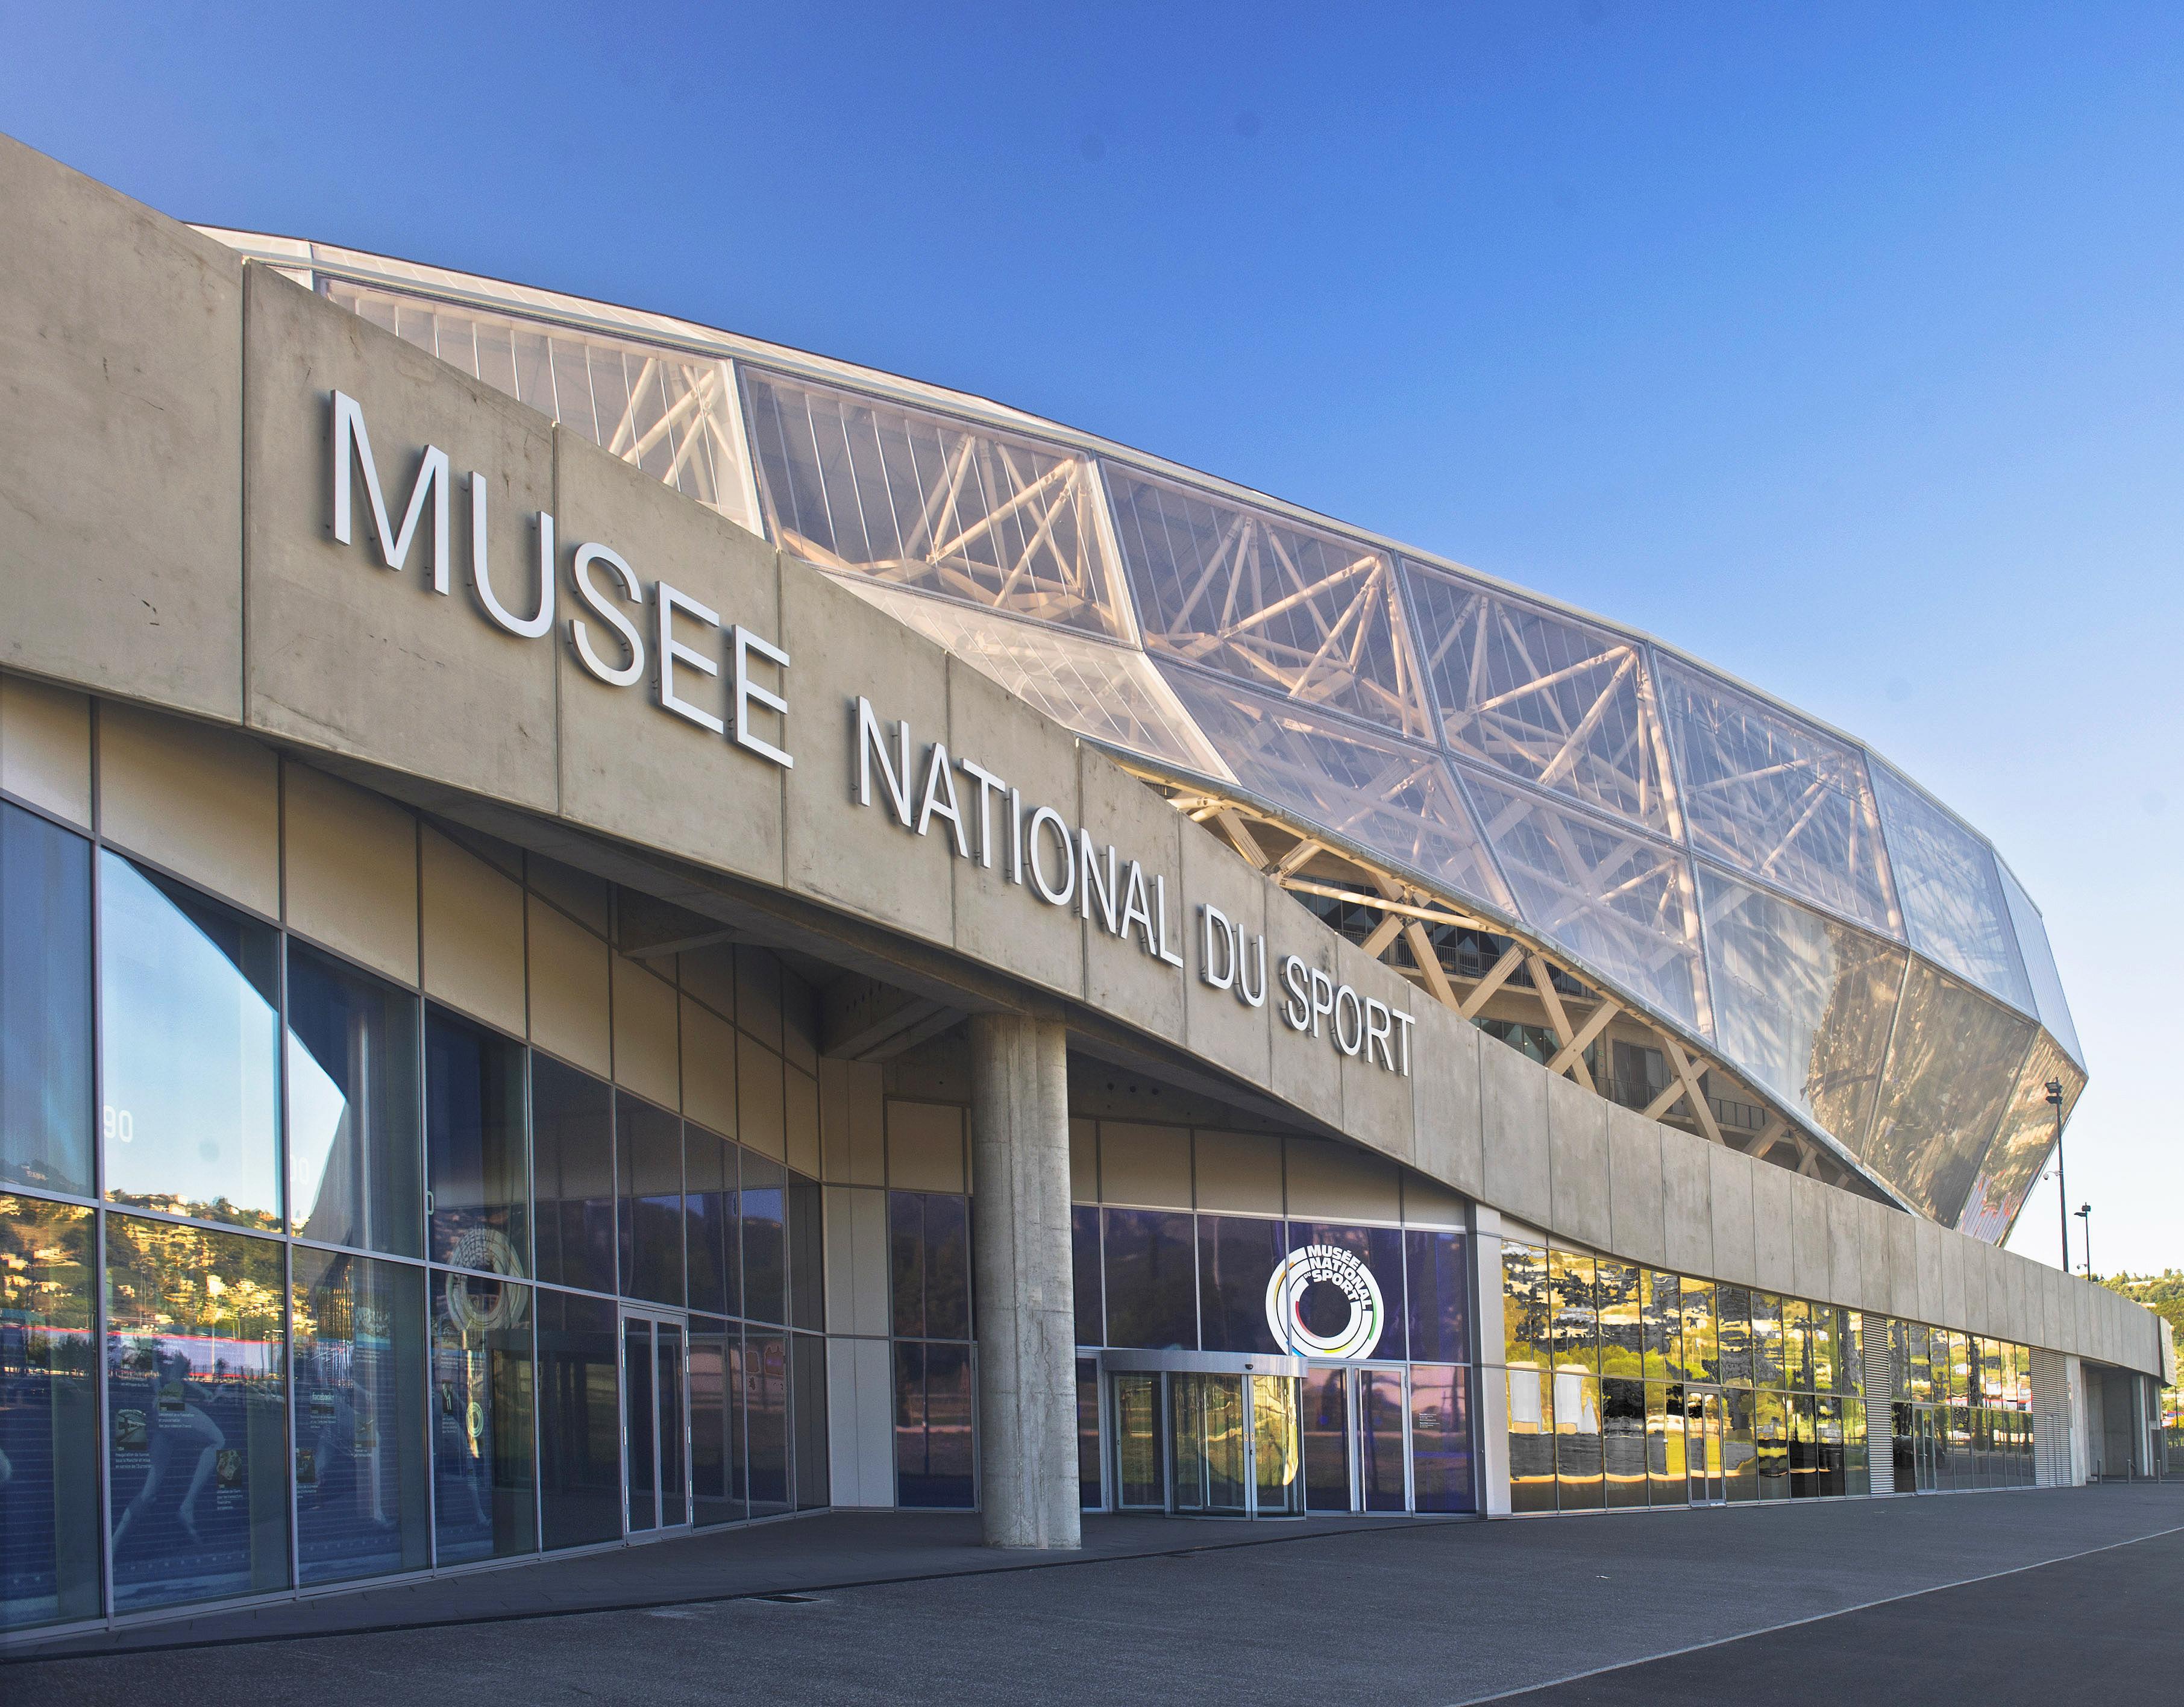 Photo exposition MNS (c) M.Erlich Musée National du Sport (1)